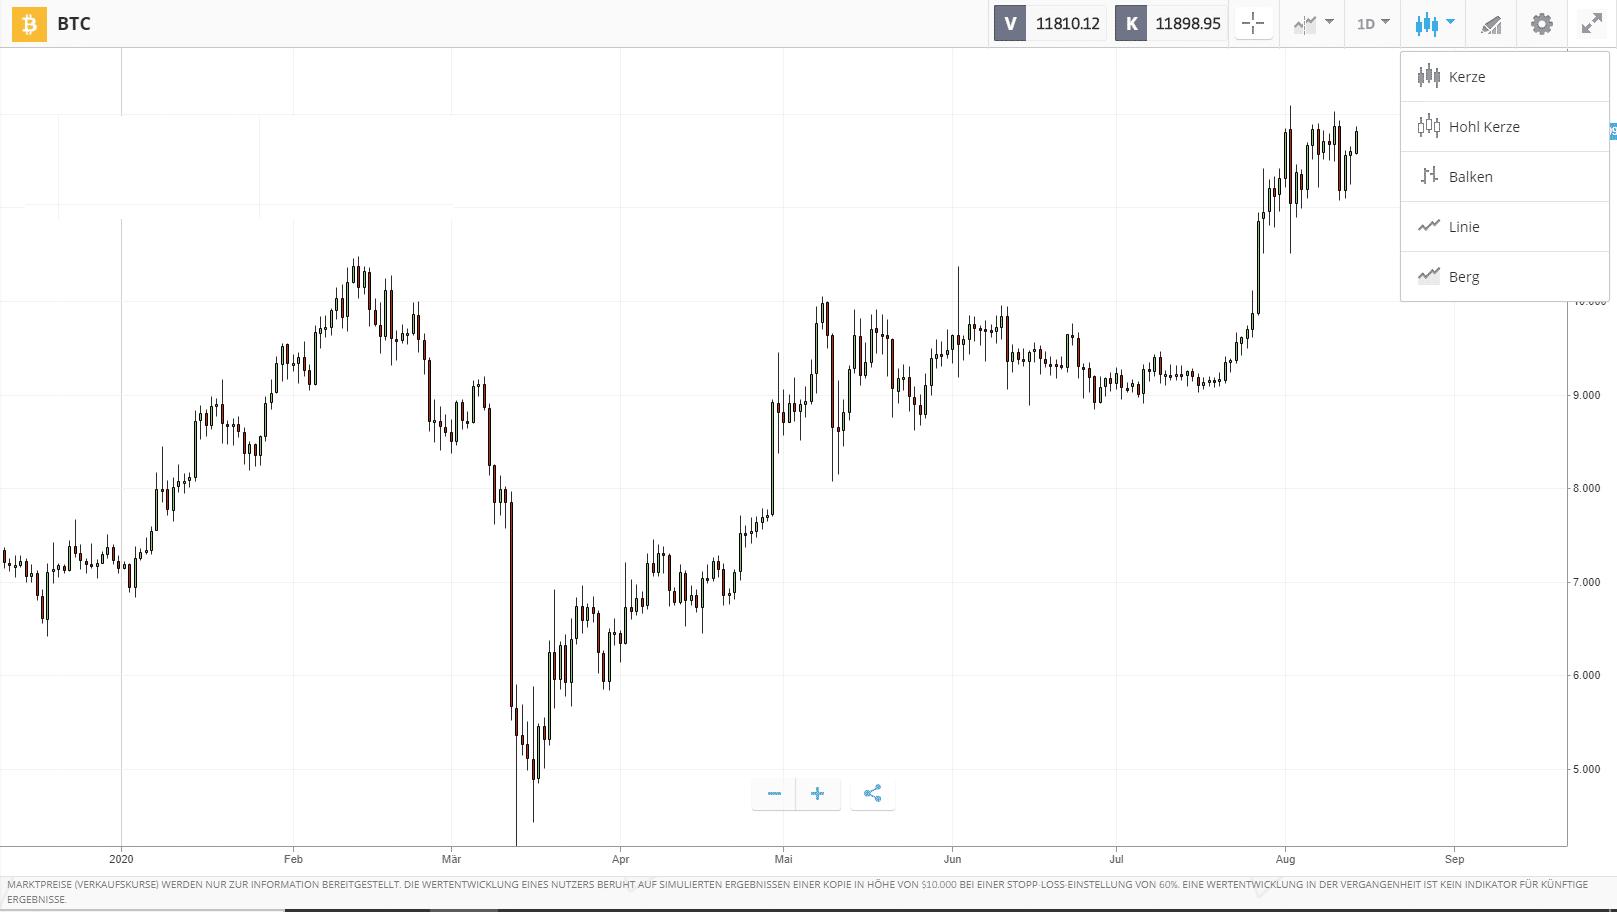 mittlerer krypto-handel möglichkeiten, in bitcoin-aktien zu investieren